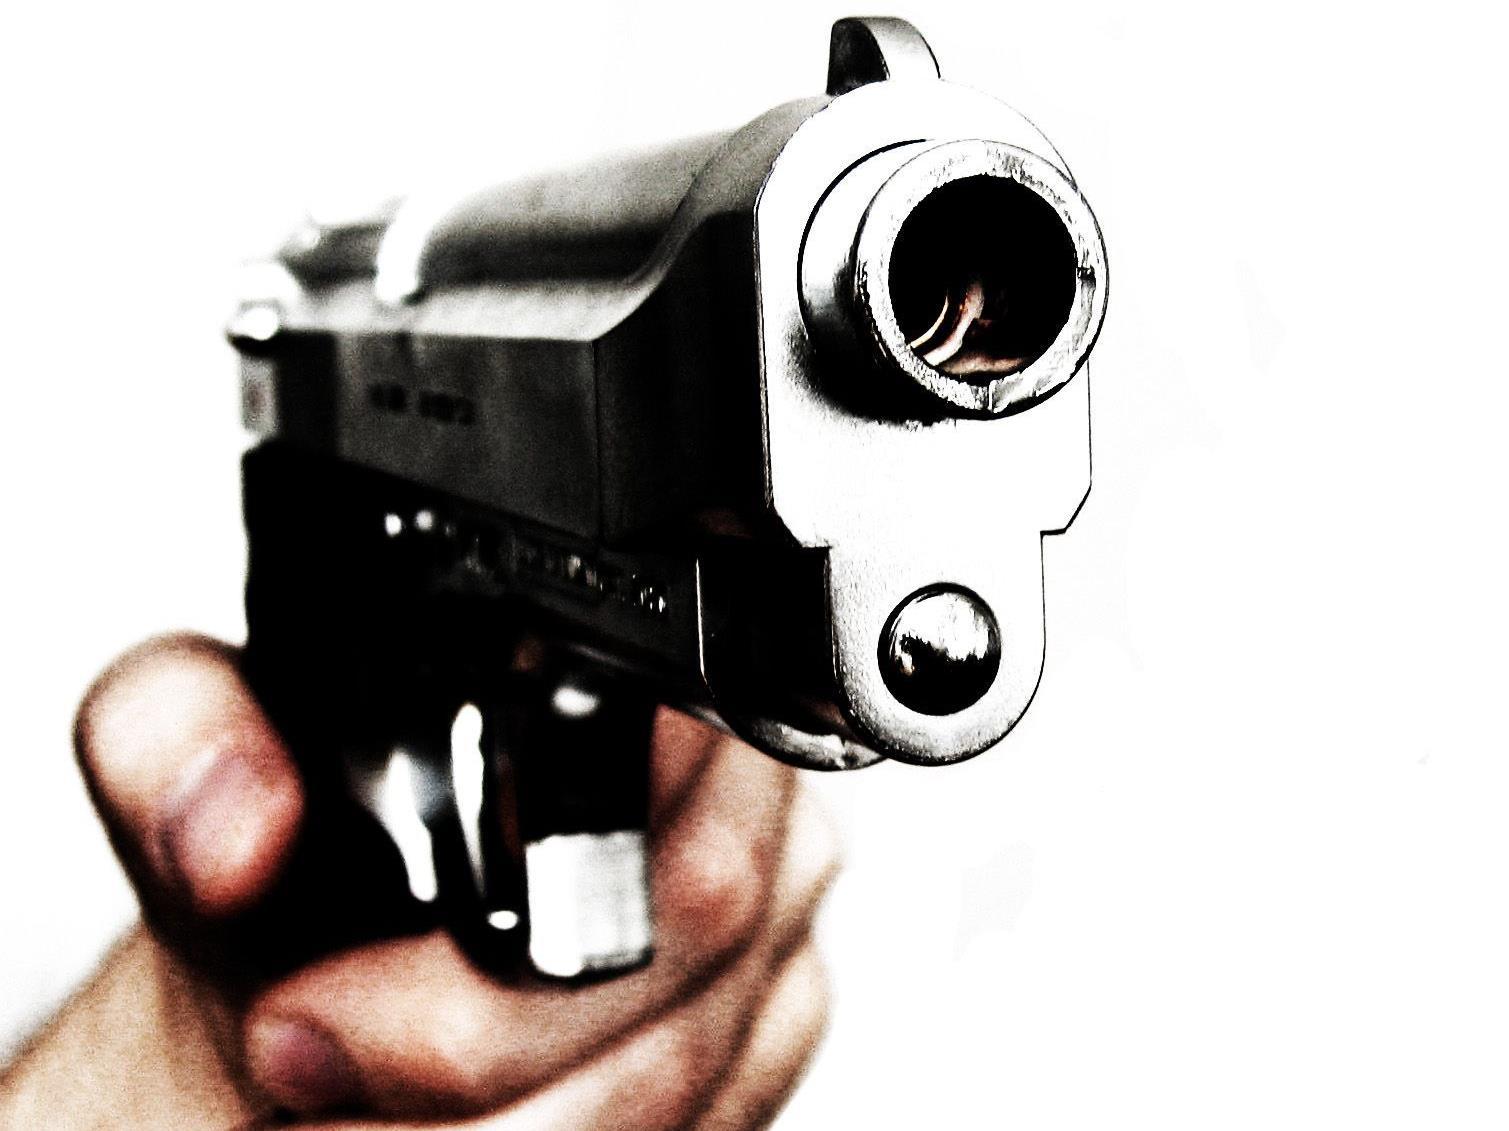 Beamter zog nach Streit die Waffe